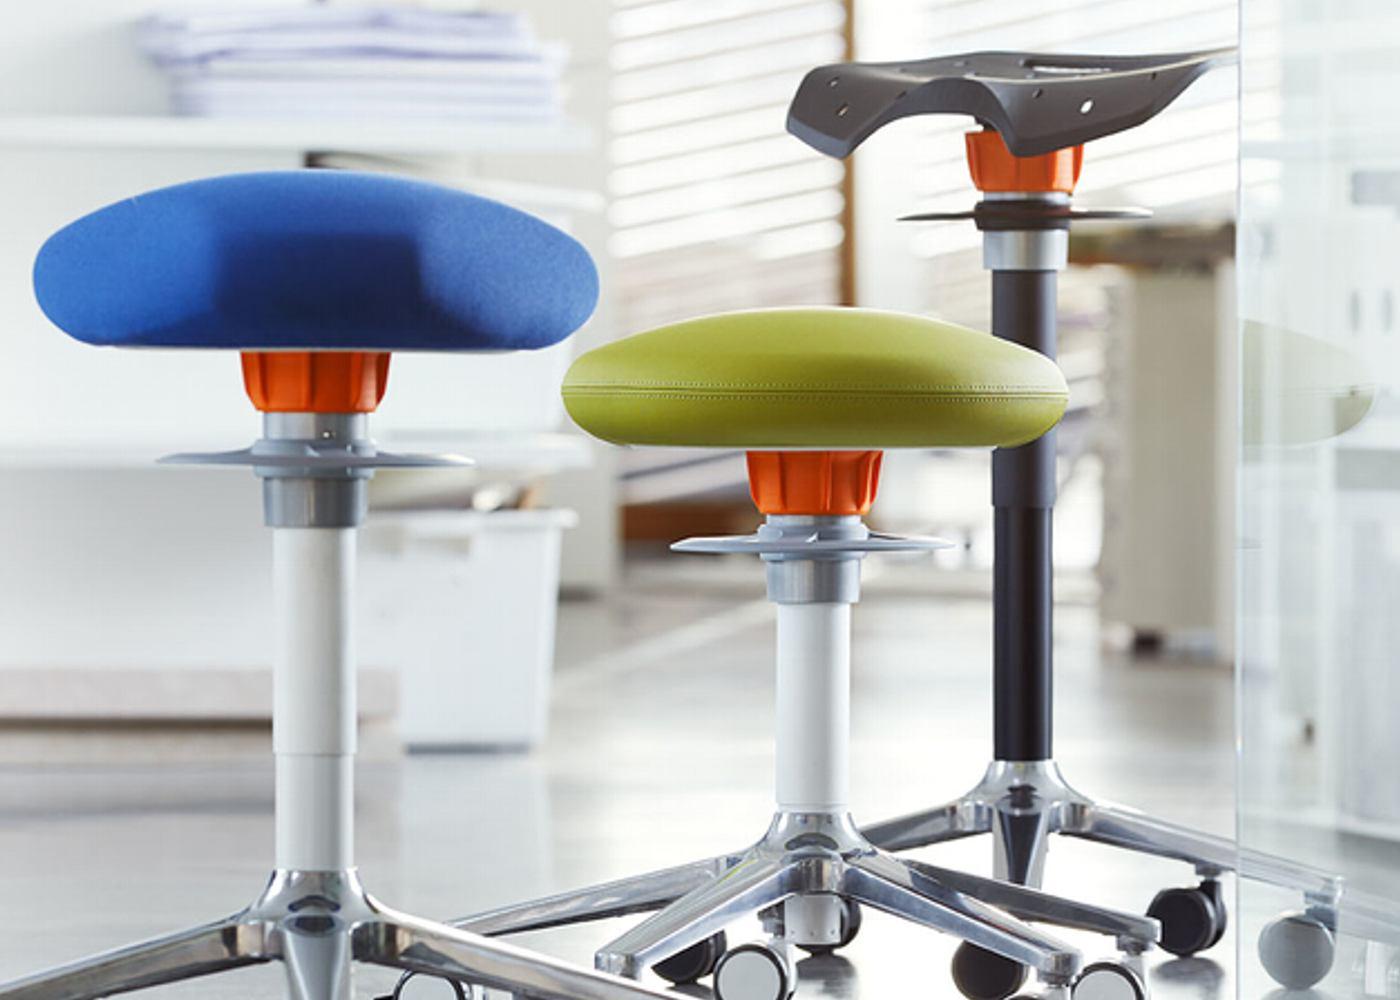 Steh-Sitzhilfe Ongo